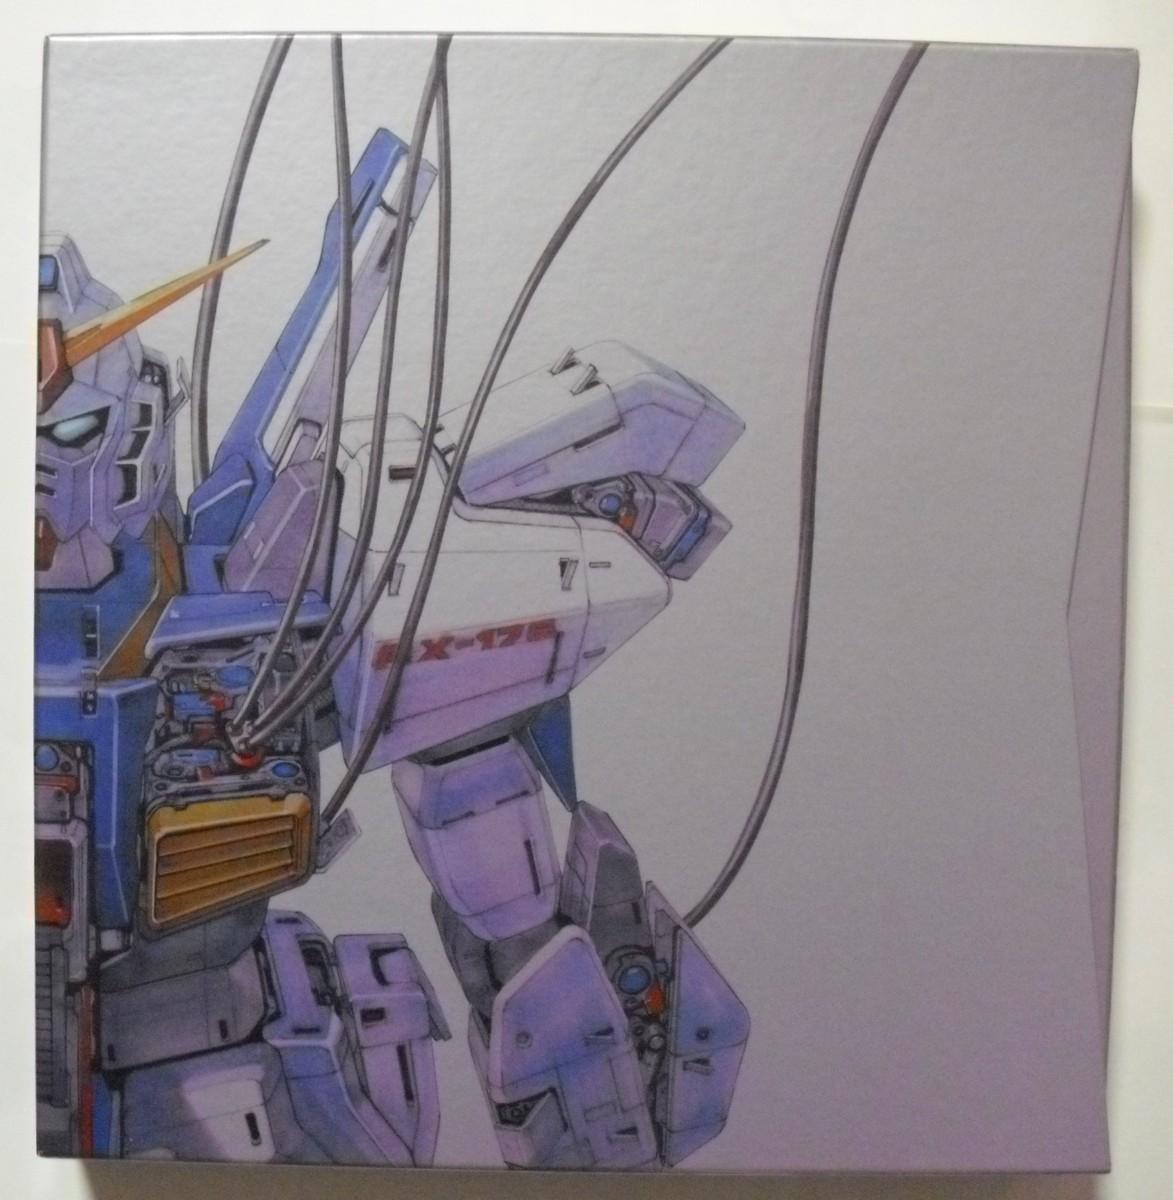 中古LD『 機動戦士Zガンダム メモリアルボックスPART1』 /LD7枚組/初回プレス特典アートBOX入_画像1